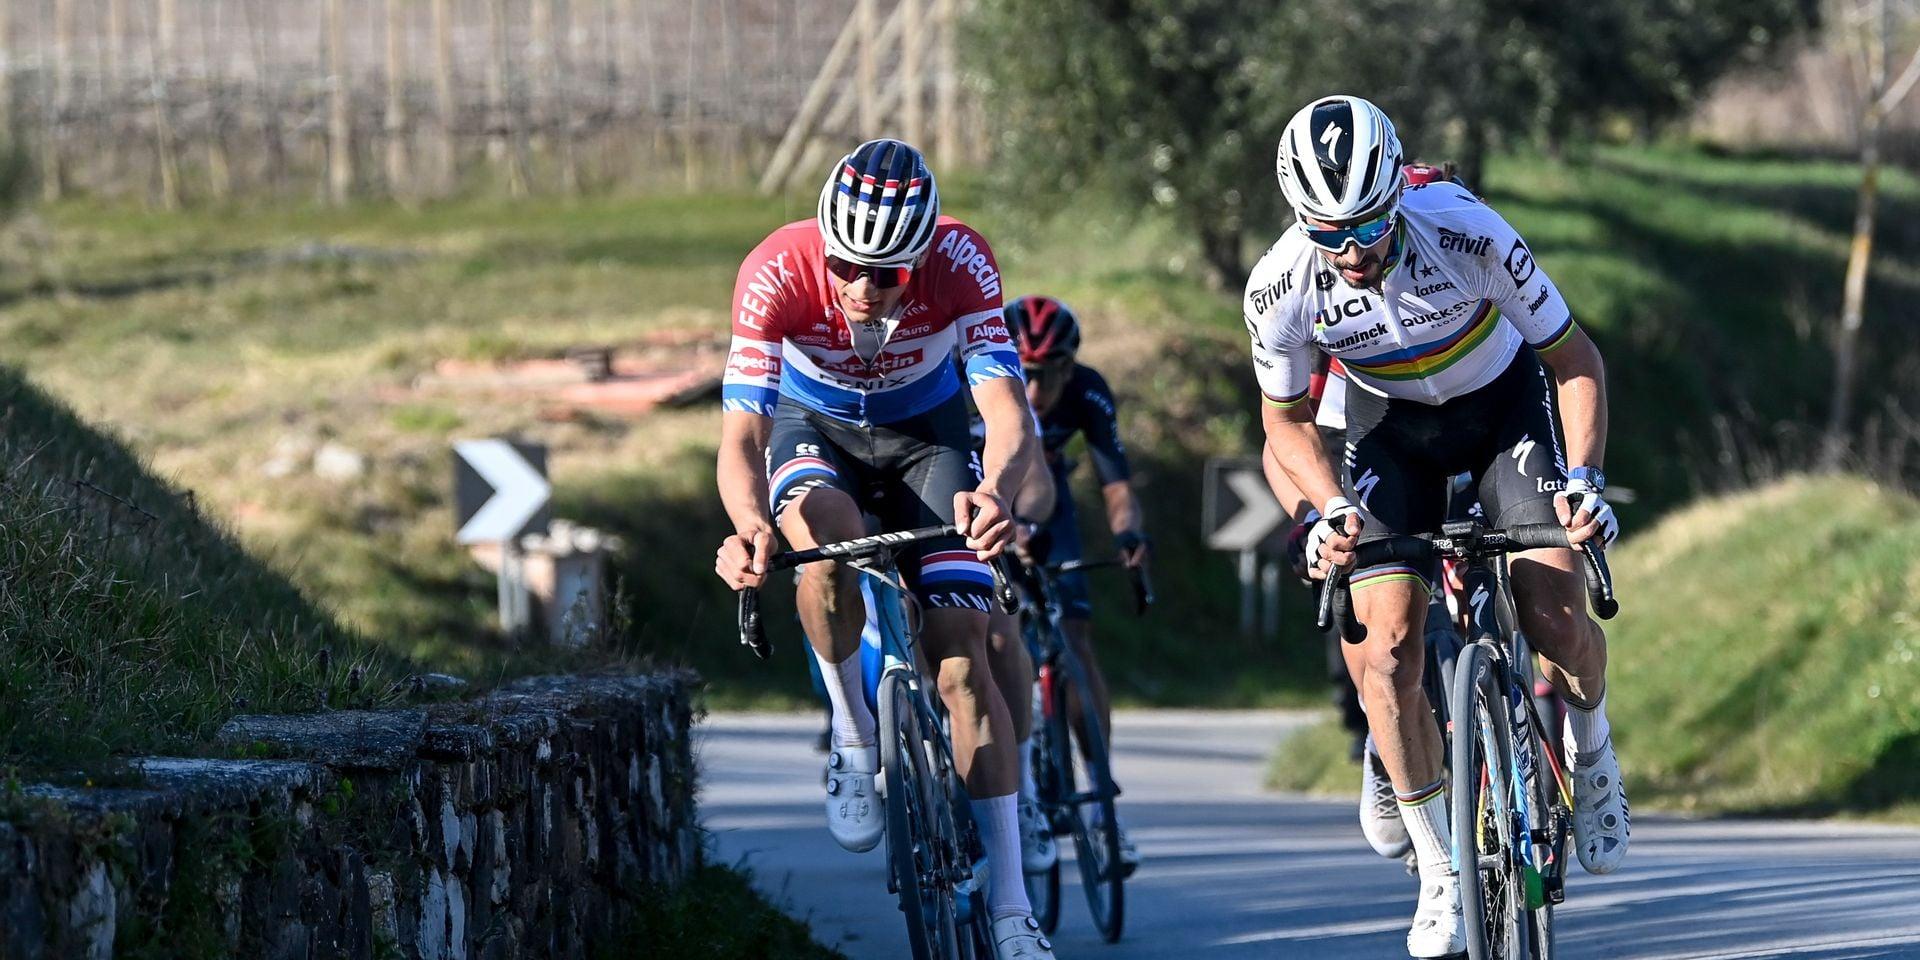 Van der Poel-Alaphilippe: pour Wout Van Aert, le danger viendra surtout de ces deux-là à Milan-Sanremo